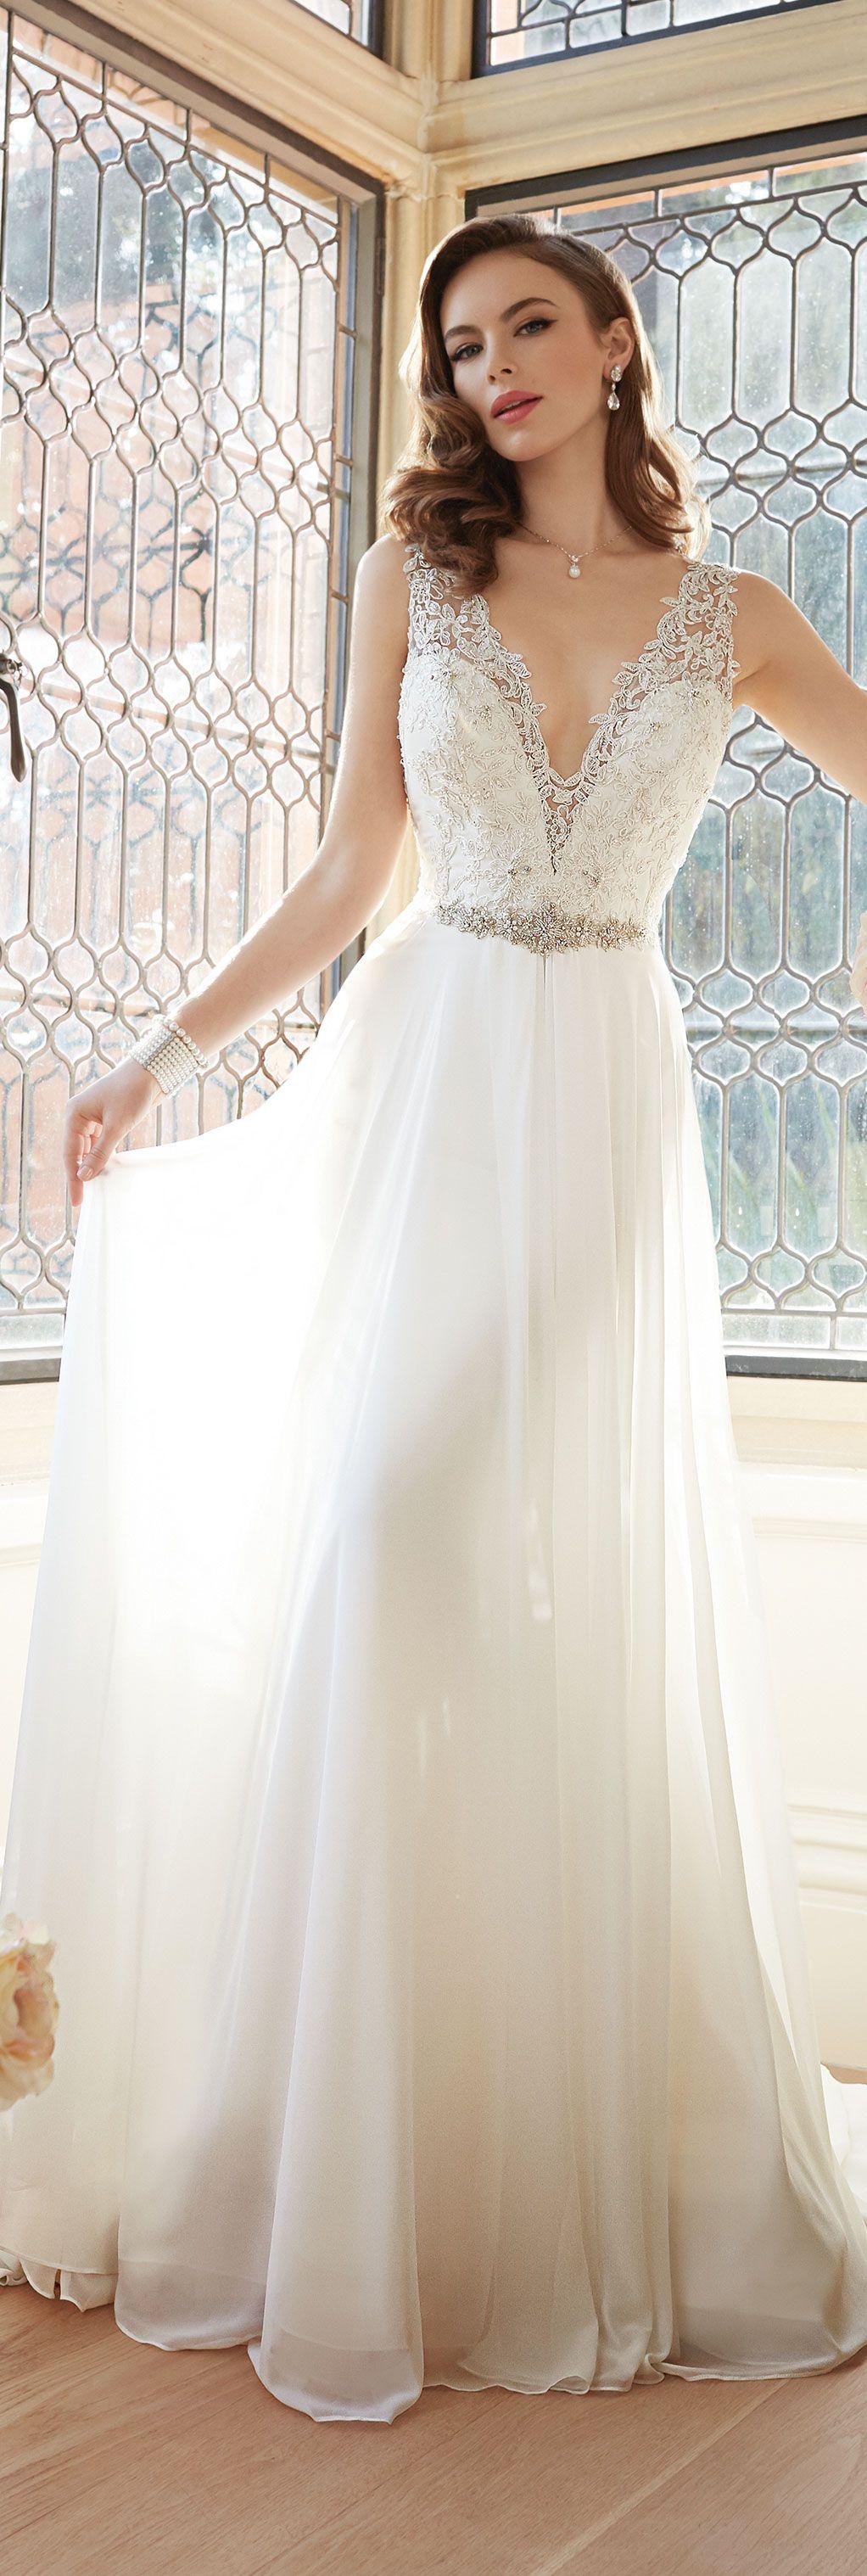 Y11633 - Augusta   Nähe, Couture und Hochzeitskleider